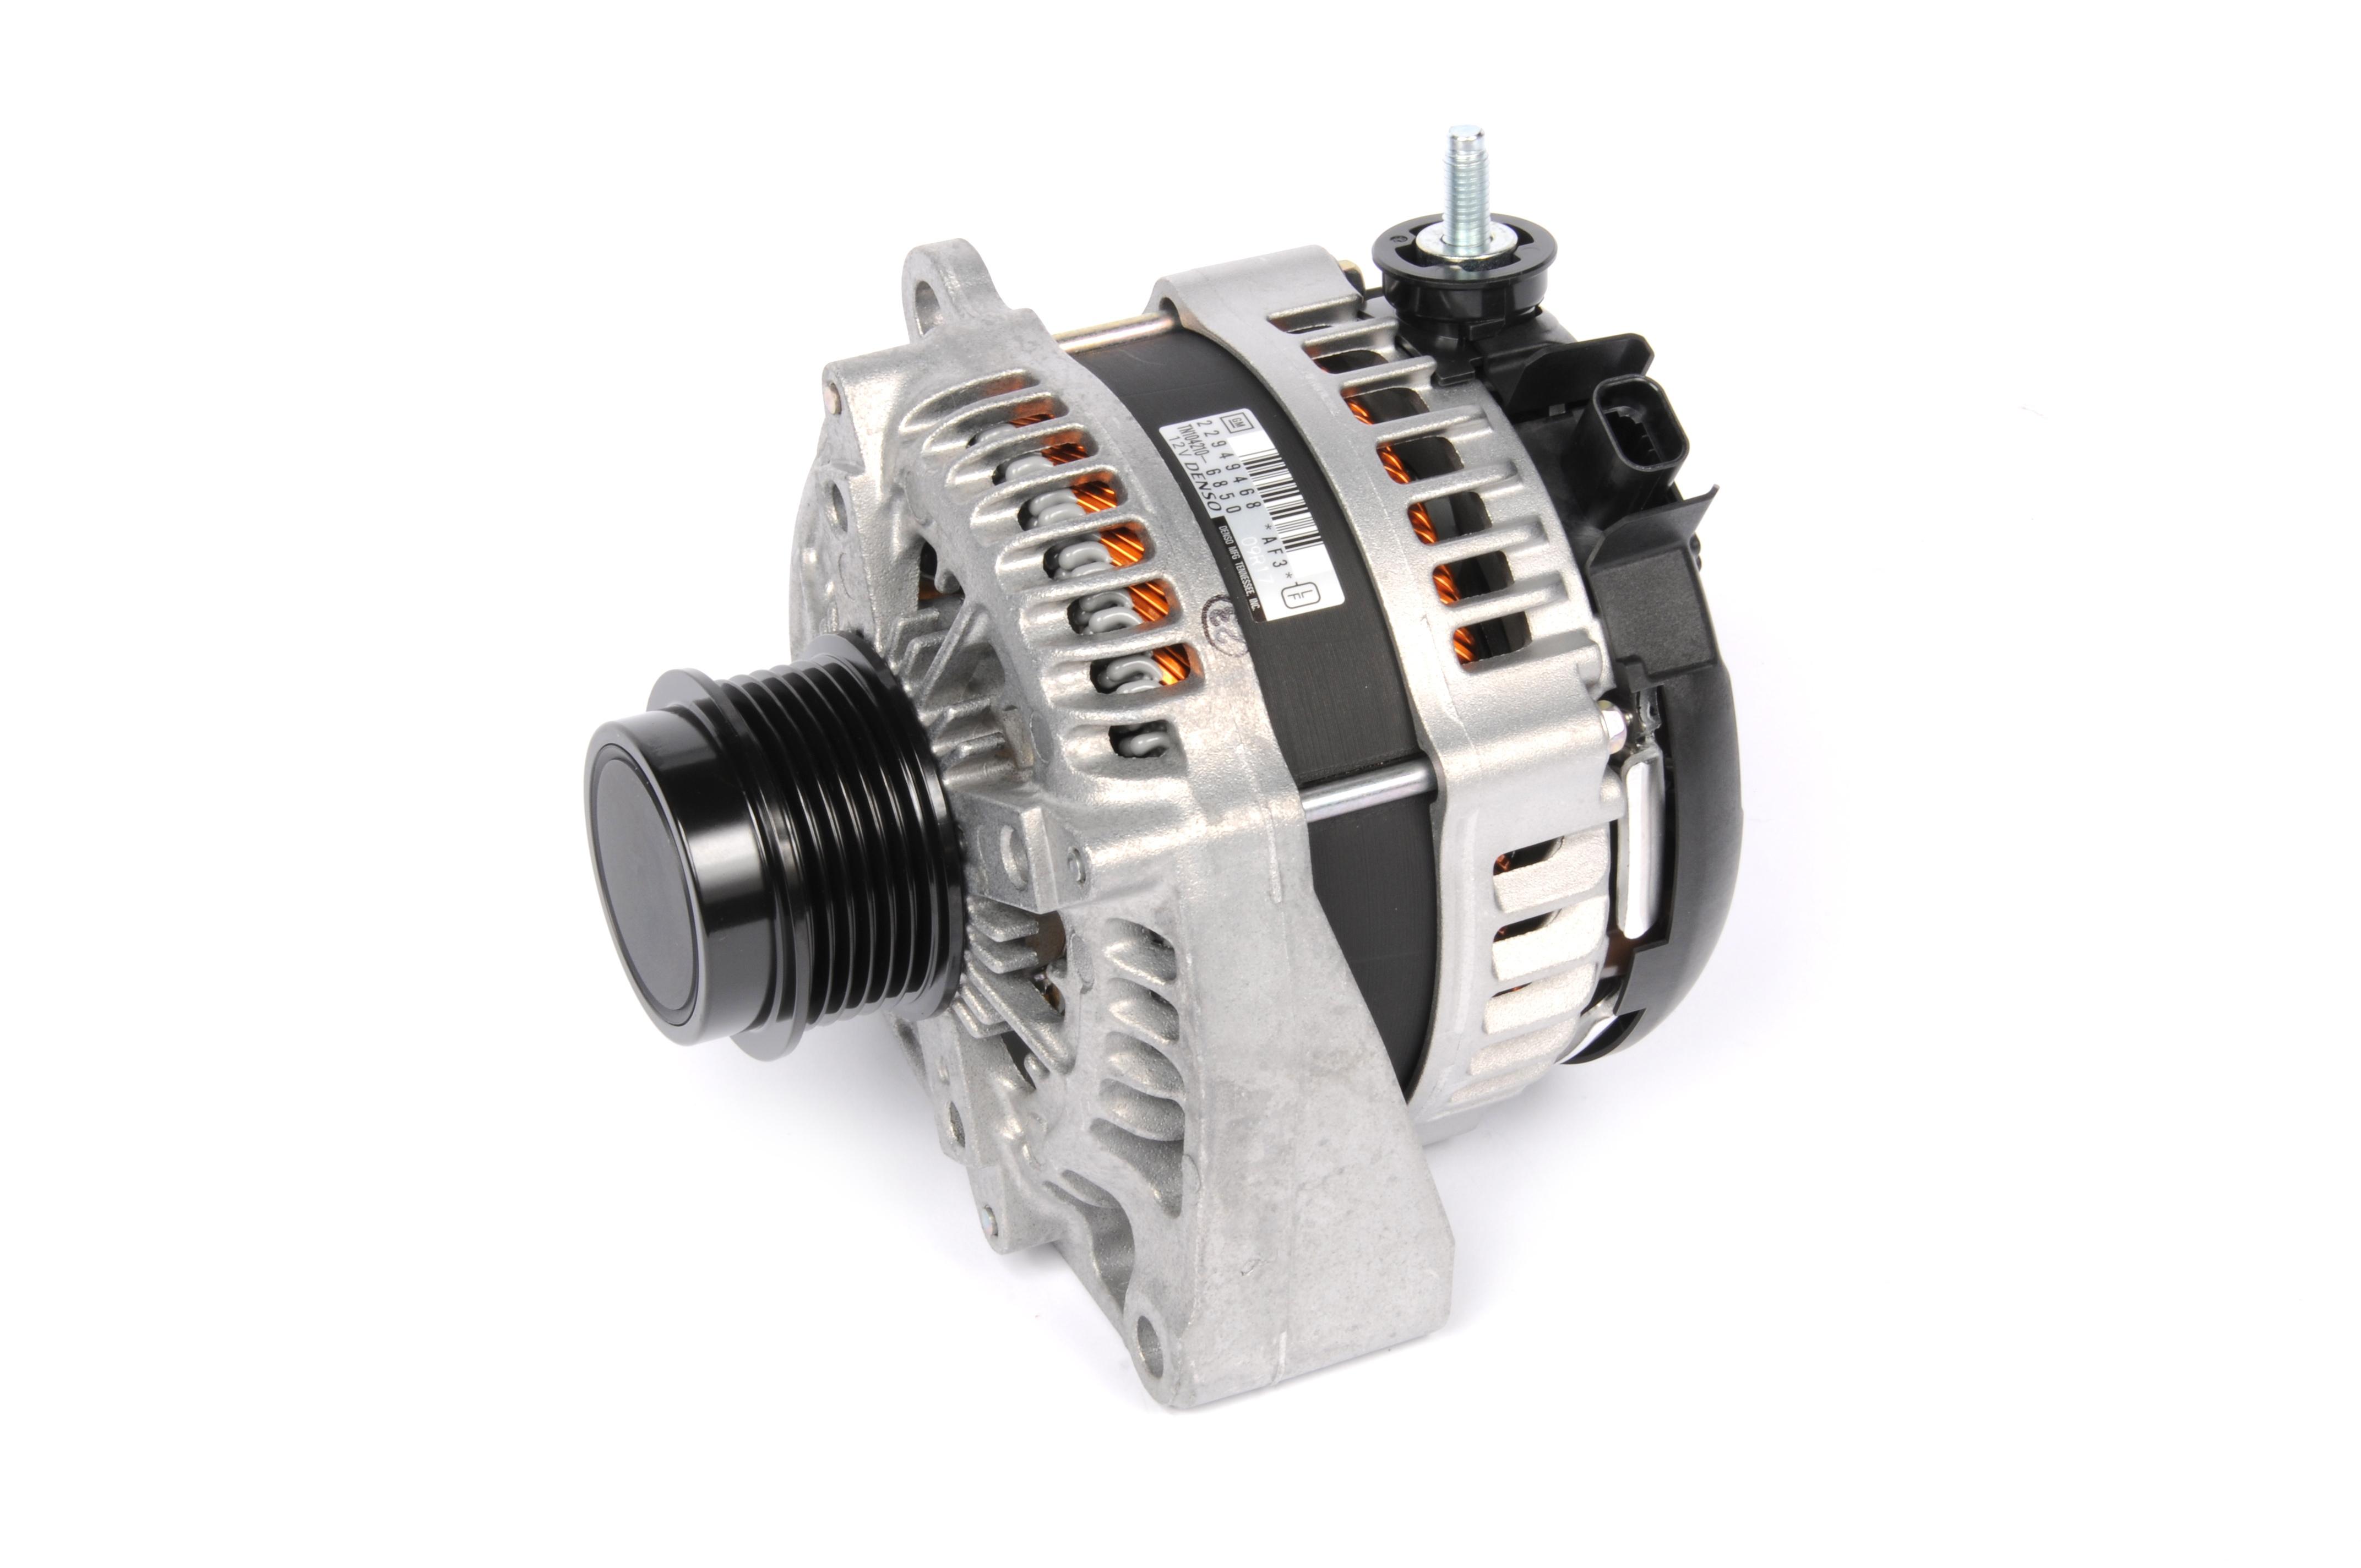 ACDELCO GM ORIGINAL EQUIPMENT - Alternator - DCB 22949468